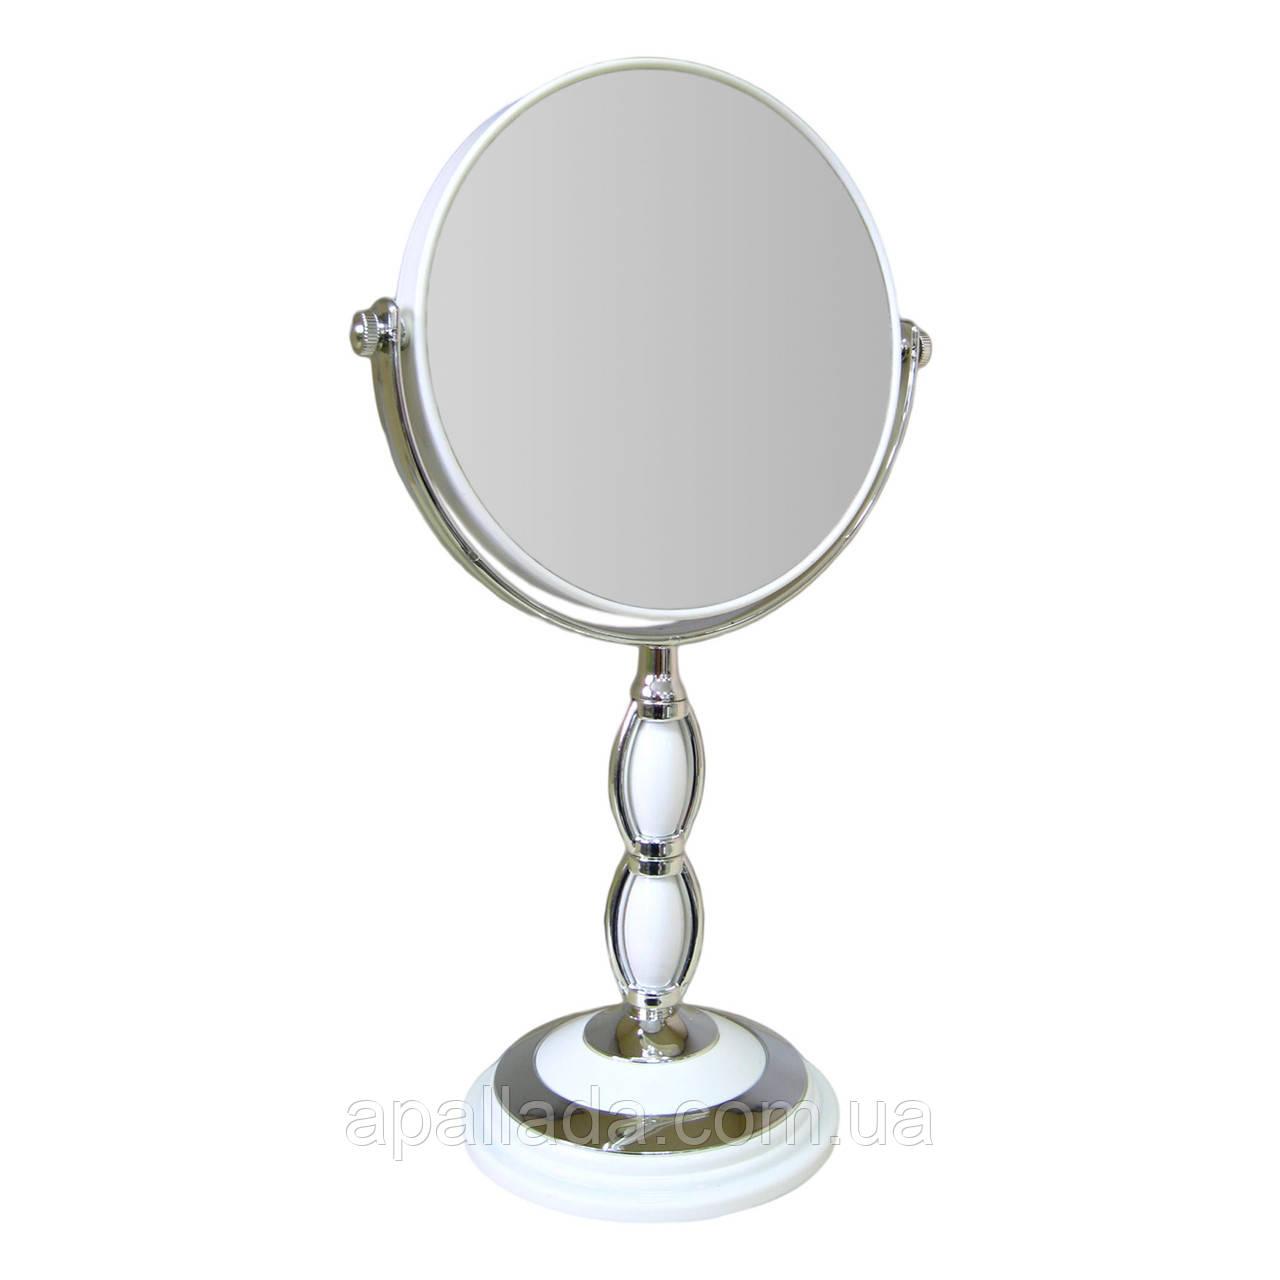 Зеркало косметическое 30 см.